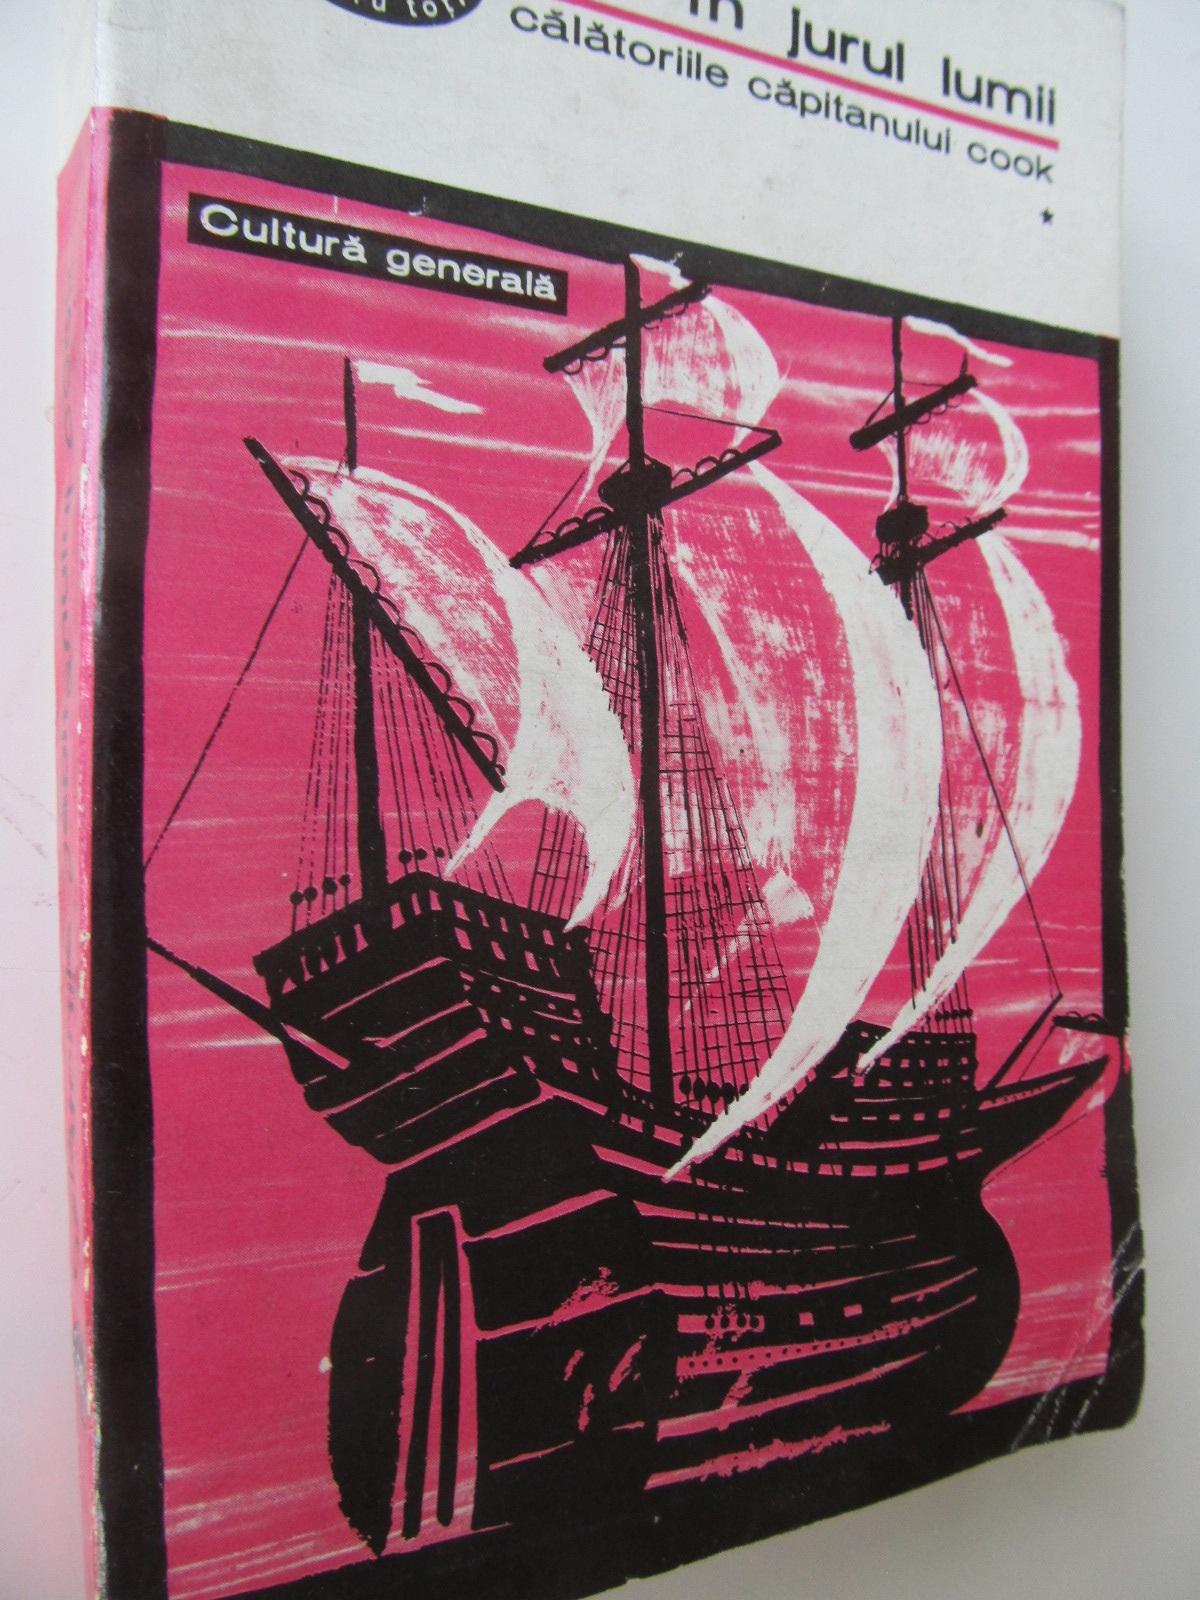 In jurul lumii - Calatoriile capitanului Cook (vol.1) - ***   Detalii carte